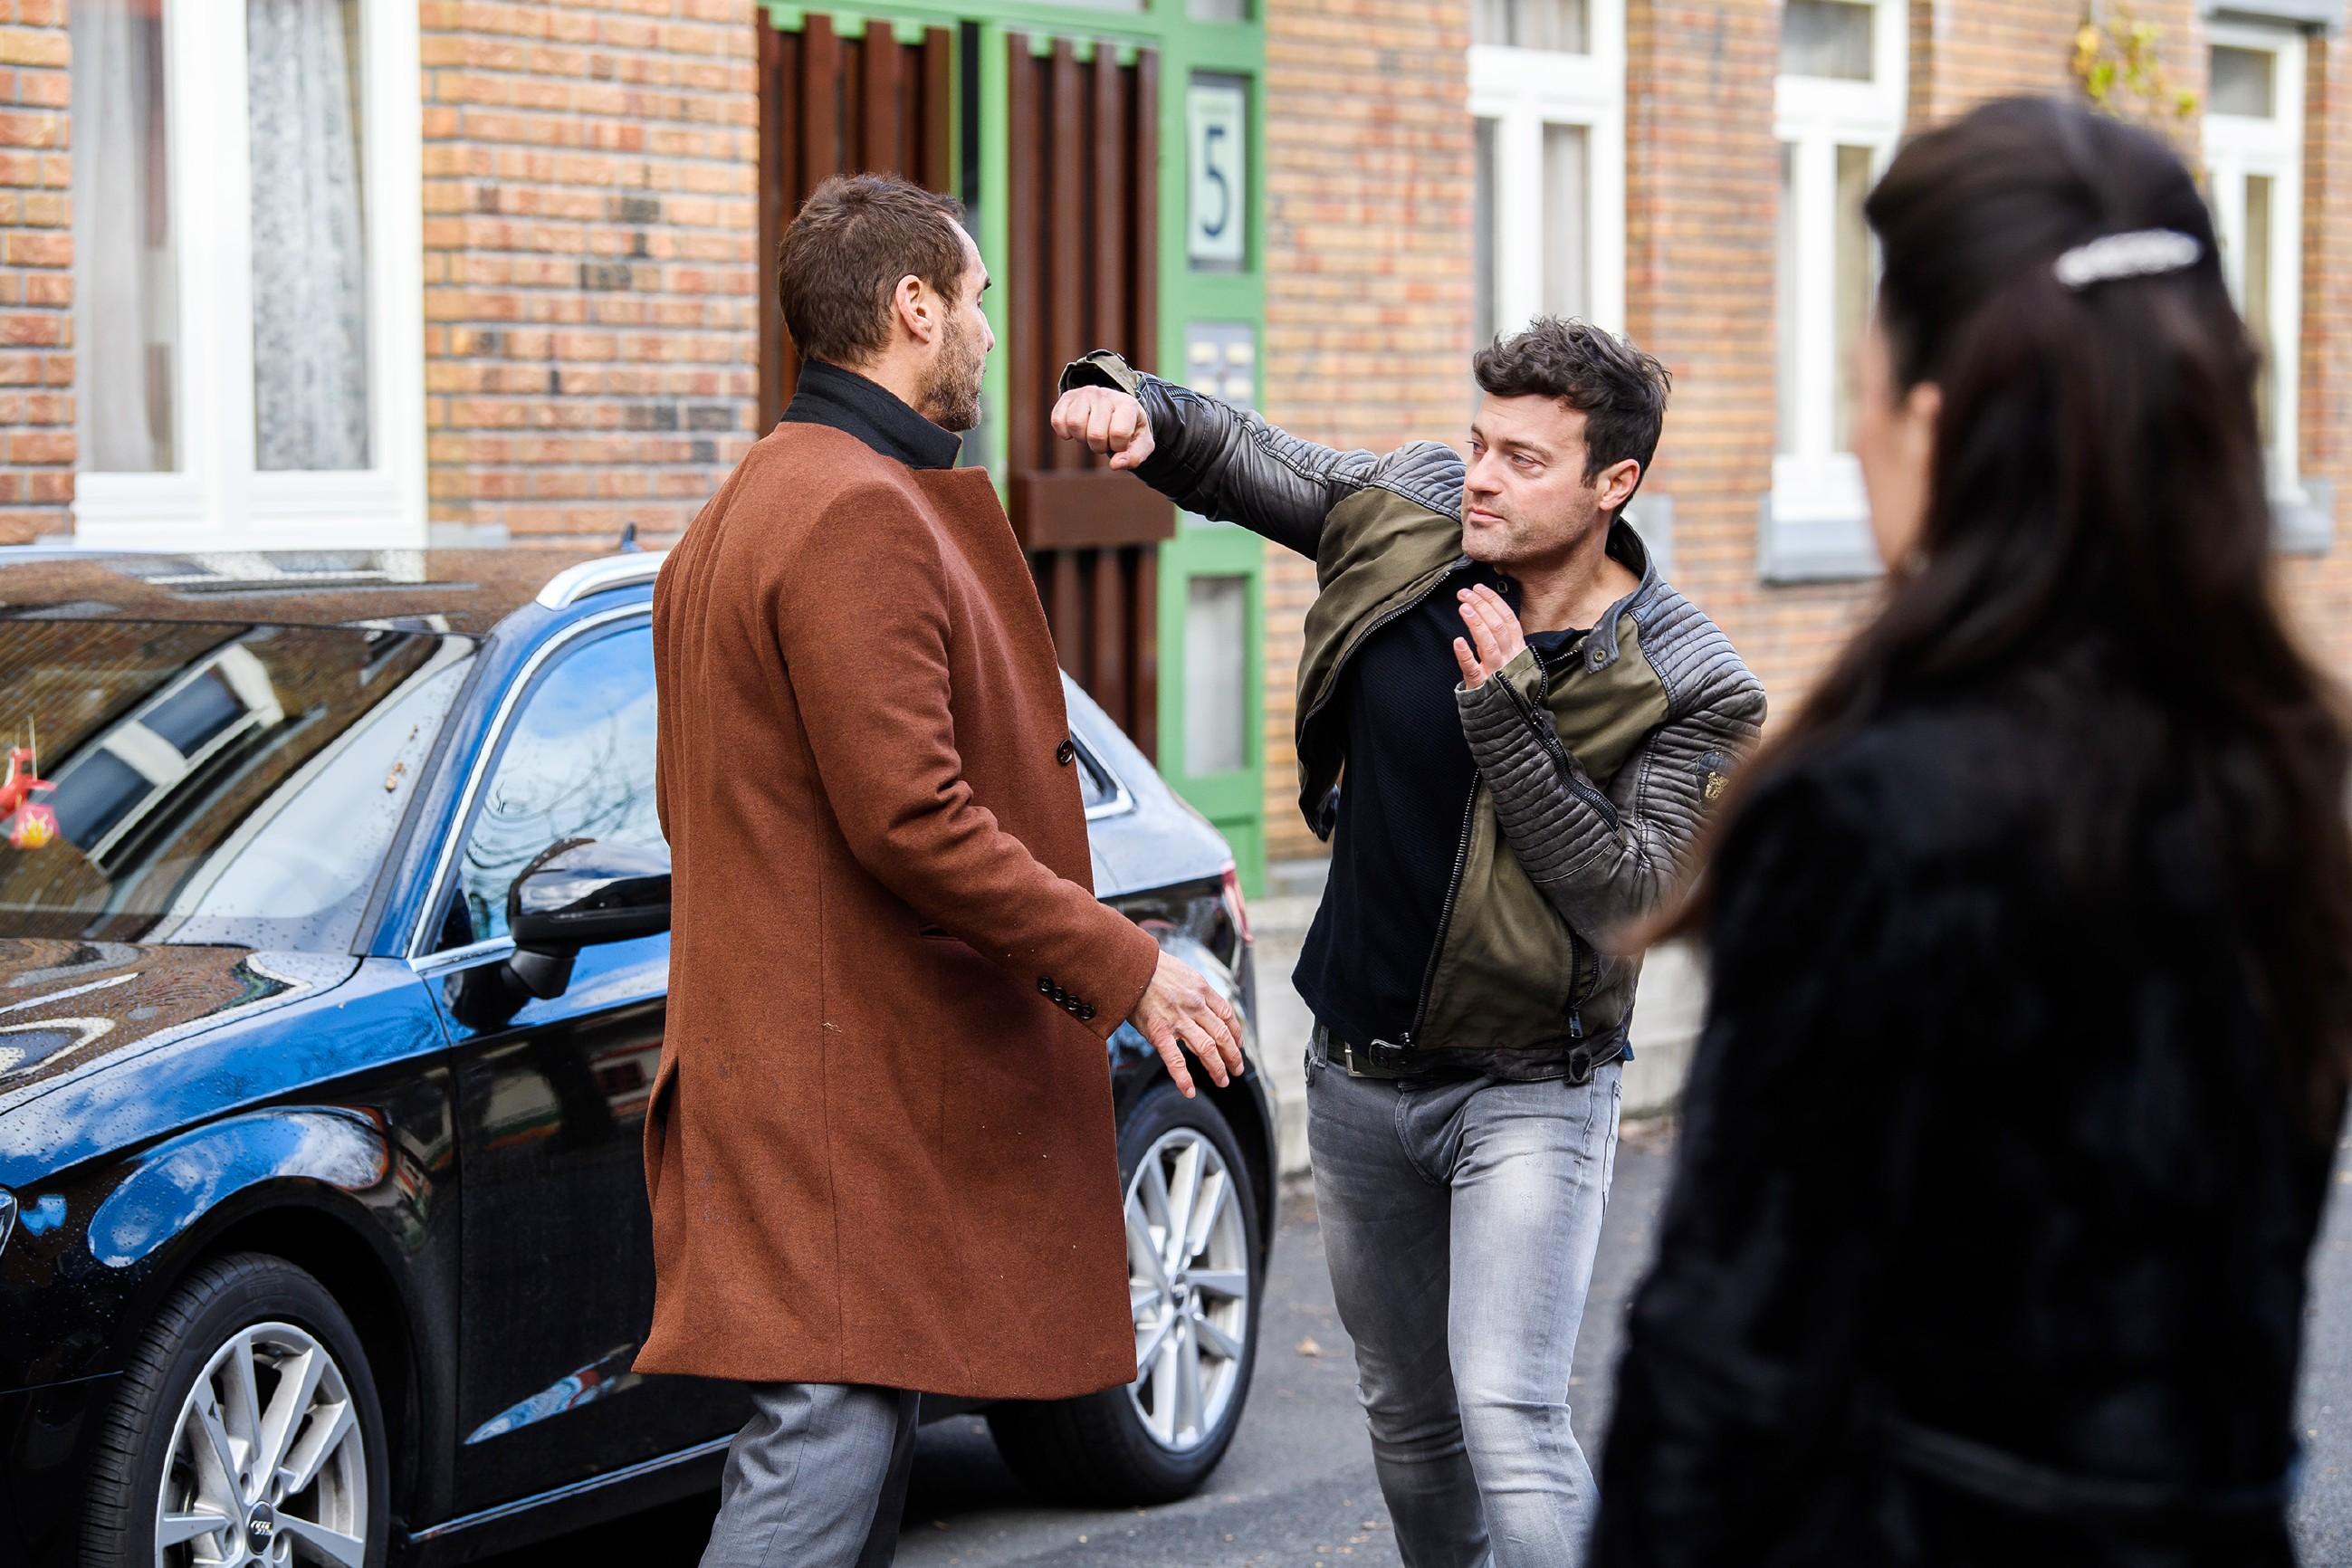 Als sich Bens (Jörg Rohde, r.) Wut gegen Richard (Silvan-Pierre Leirich) entlädt, begreift Simone (Tatjana Clasing) geschockt, dass ihre Eifersucht auf Carmen nicht unbegründet war...